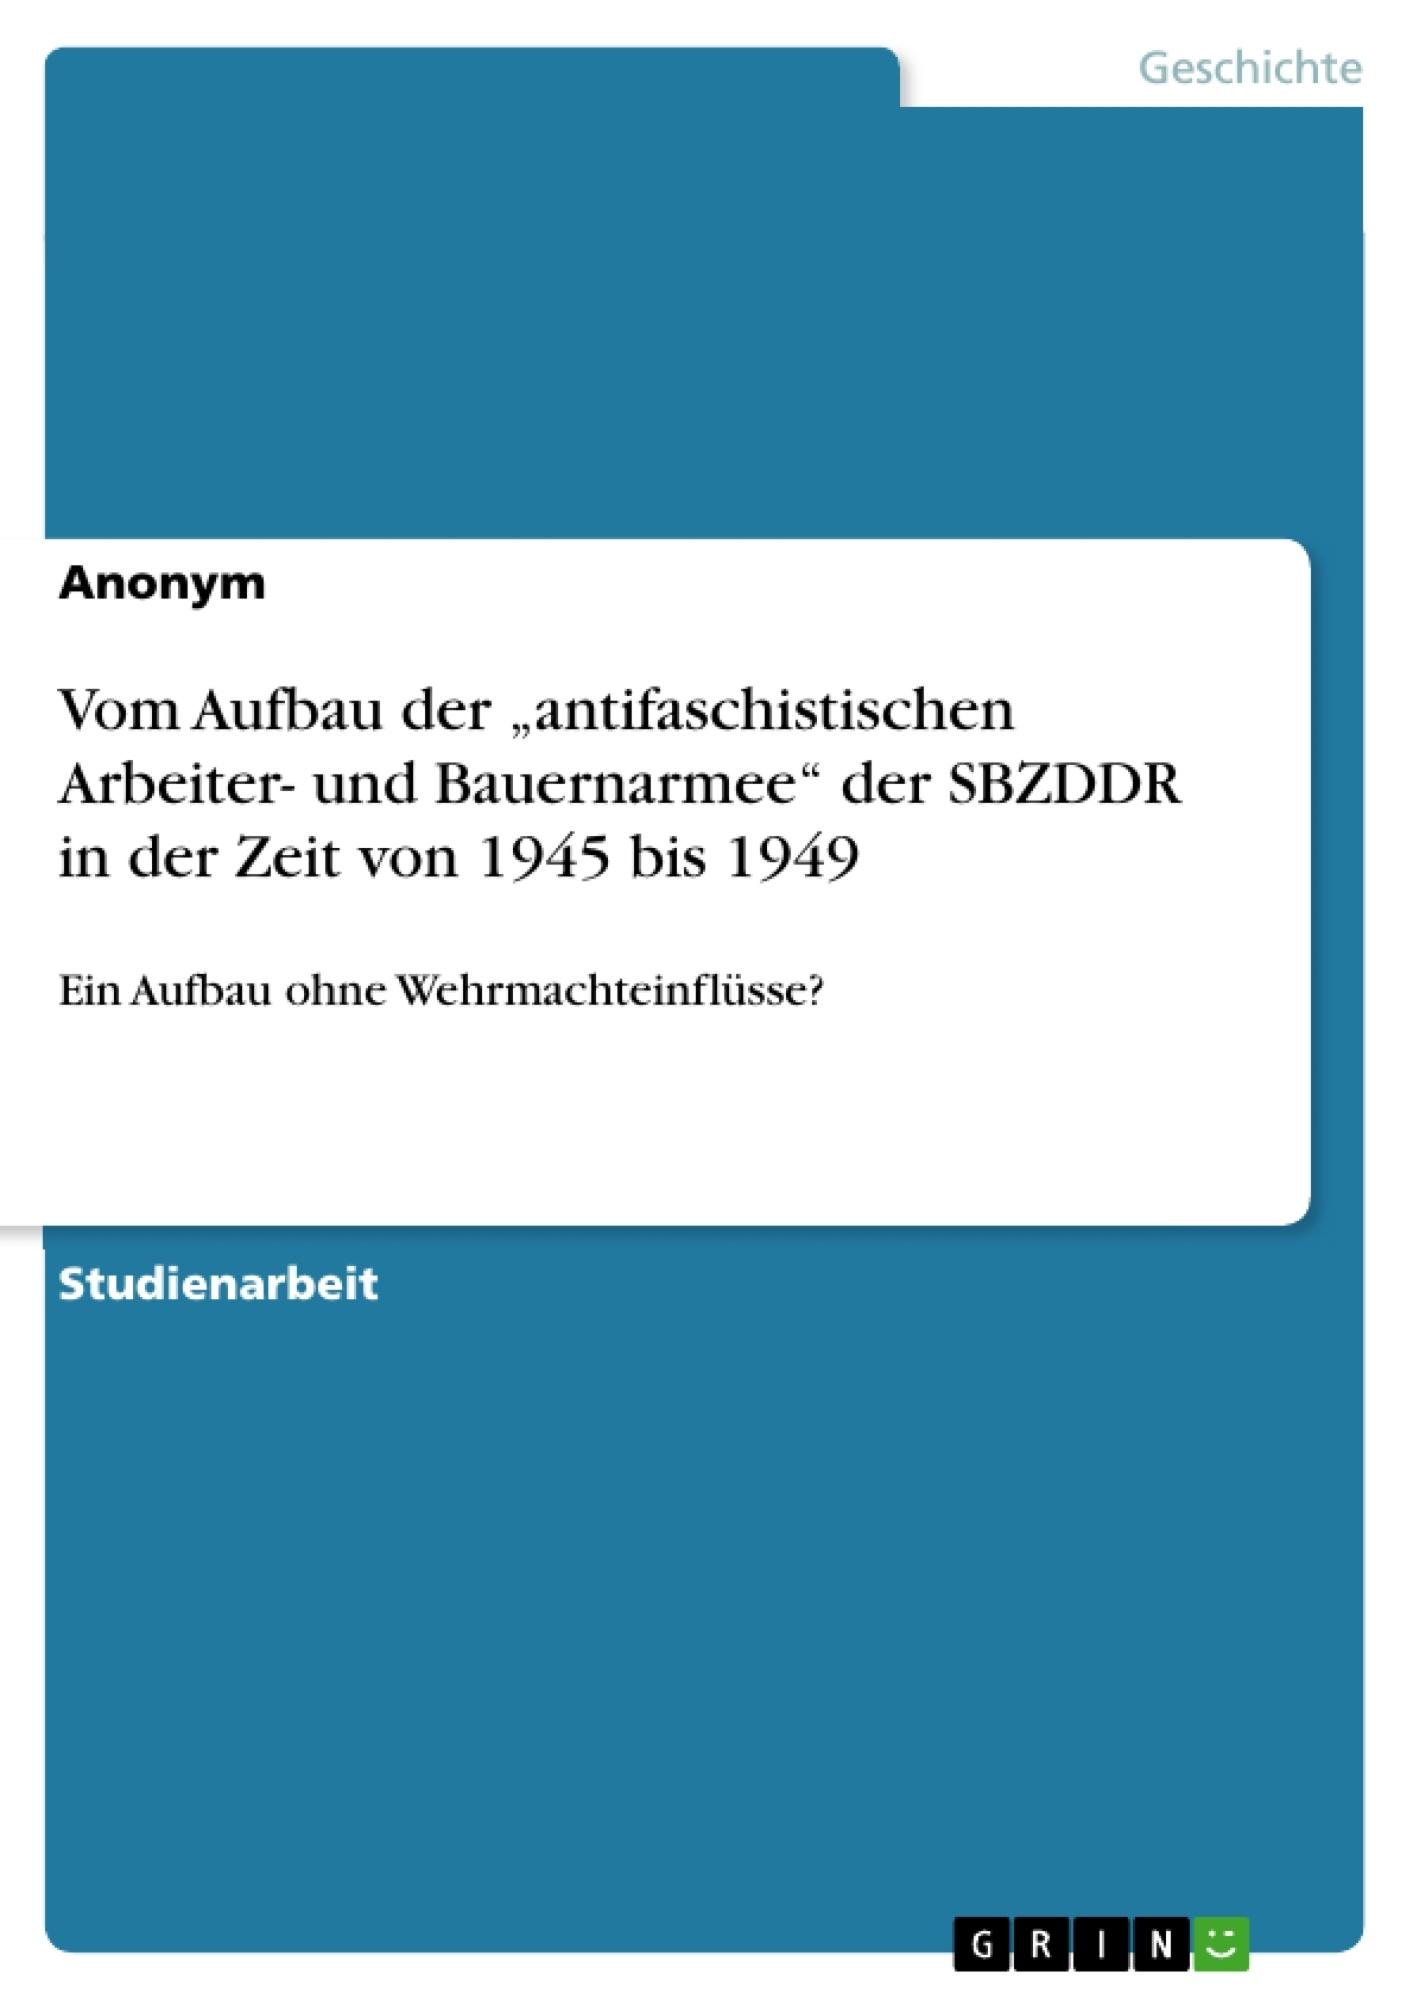 """Titel: Vom Aufbau der """"antifaschistischen Arbeiter- und Bauernarmee"""" der SBZDDR in der Zeit von 1945 bis 1949"""